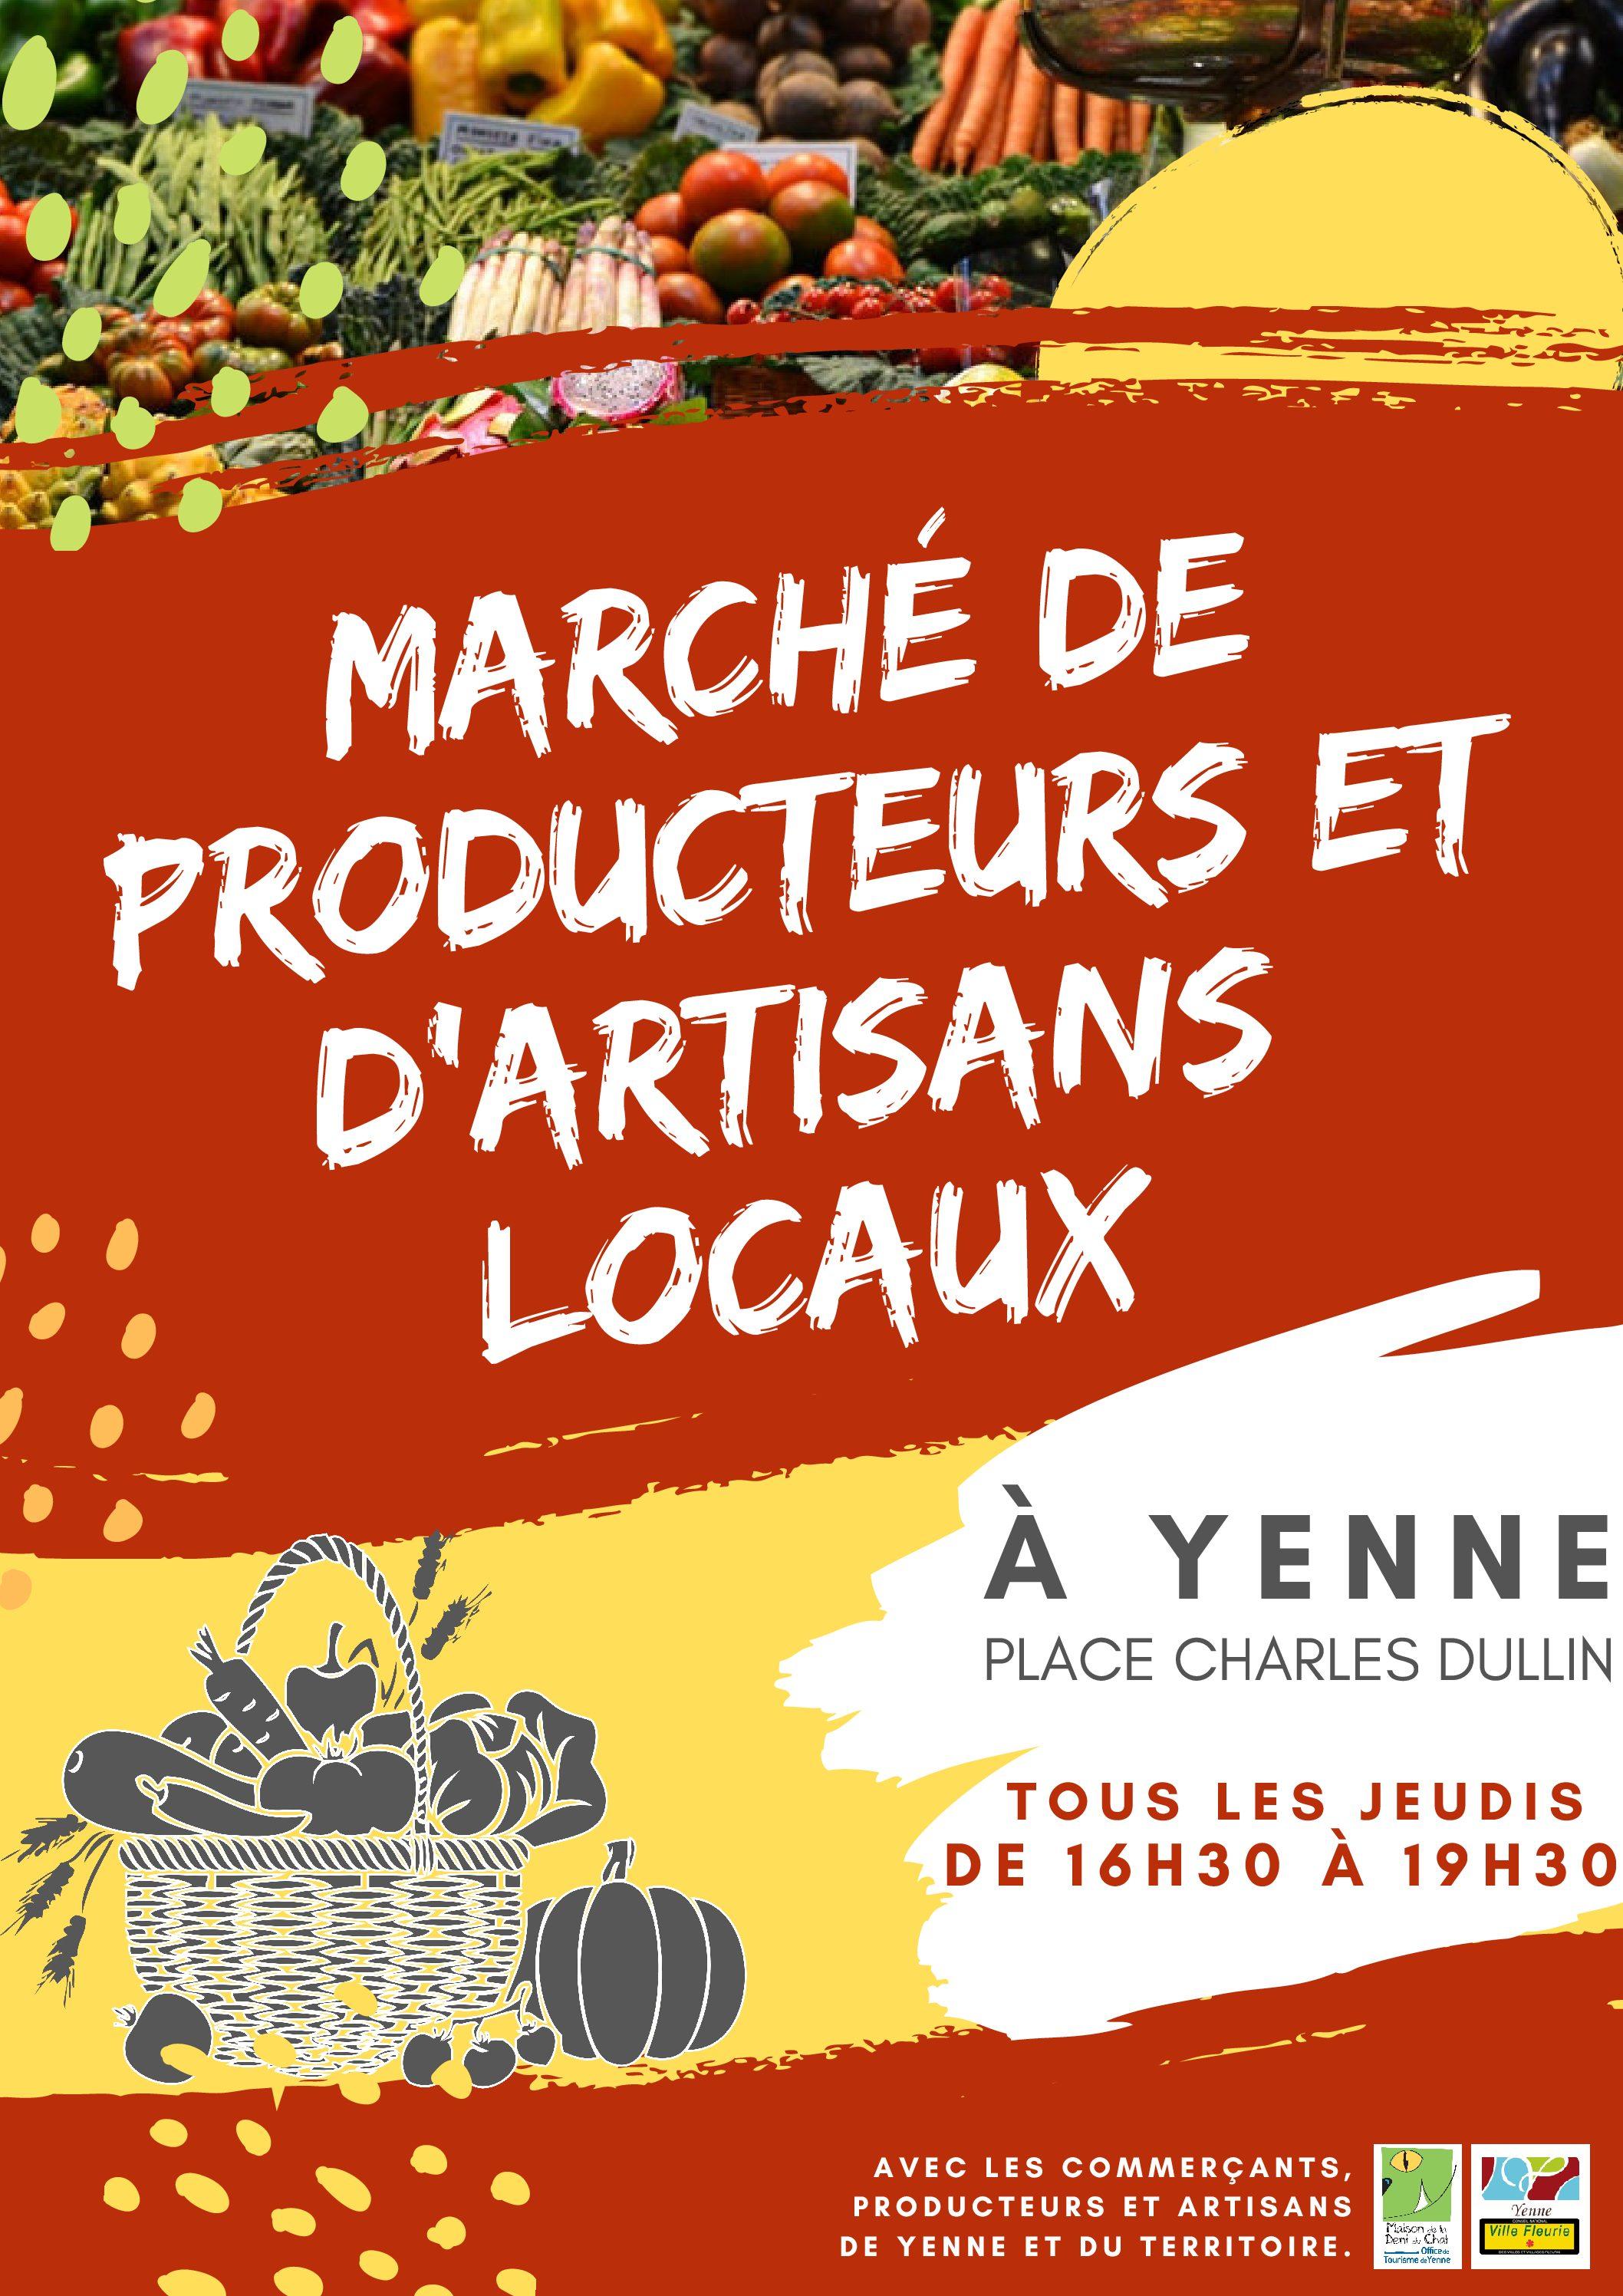 Venez découvrir un nouveau marché de producteurs dans l'avant pays !